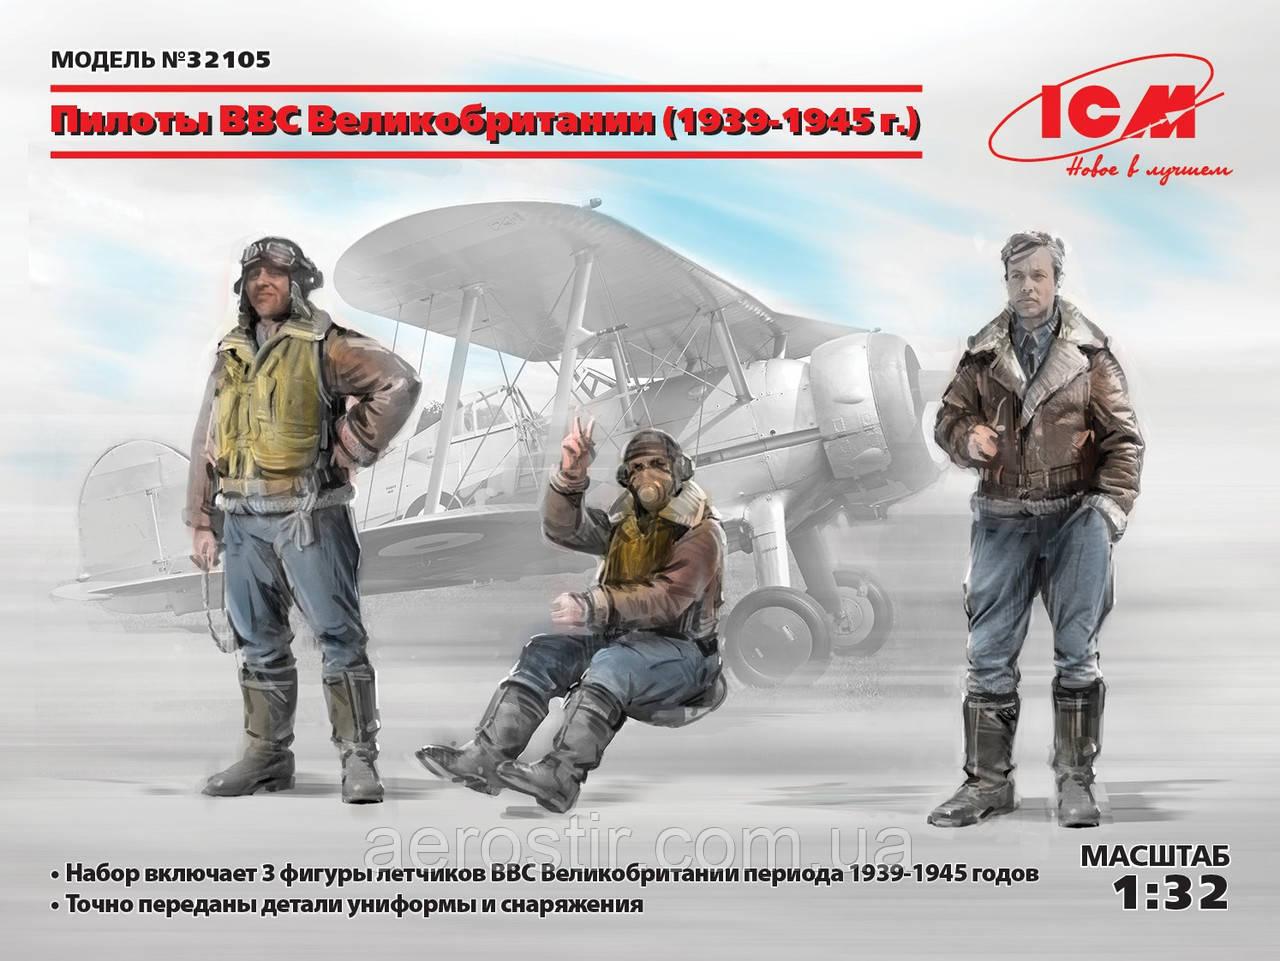 Пилоты ВВС Великобритании (1939-1945) 1/32 ICM 32105